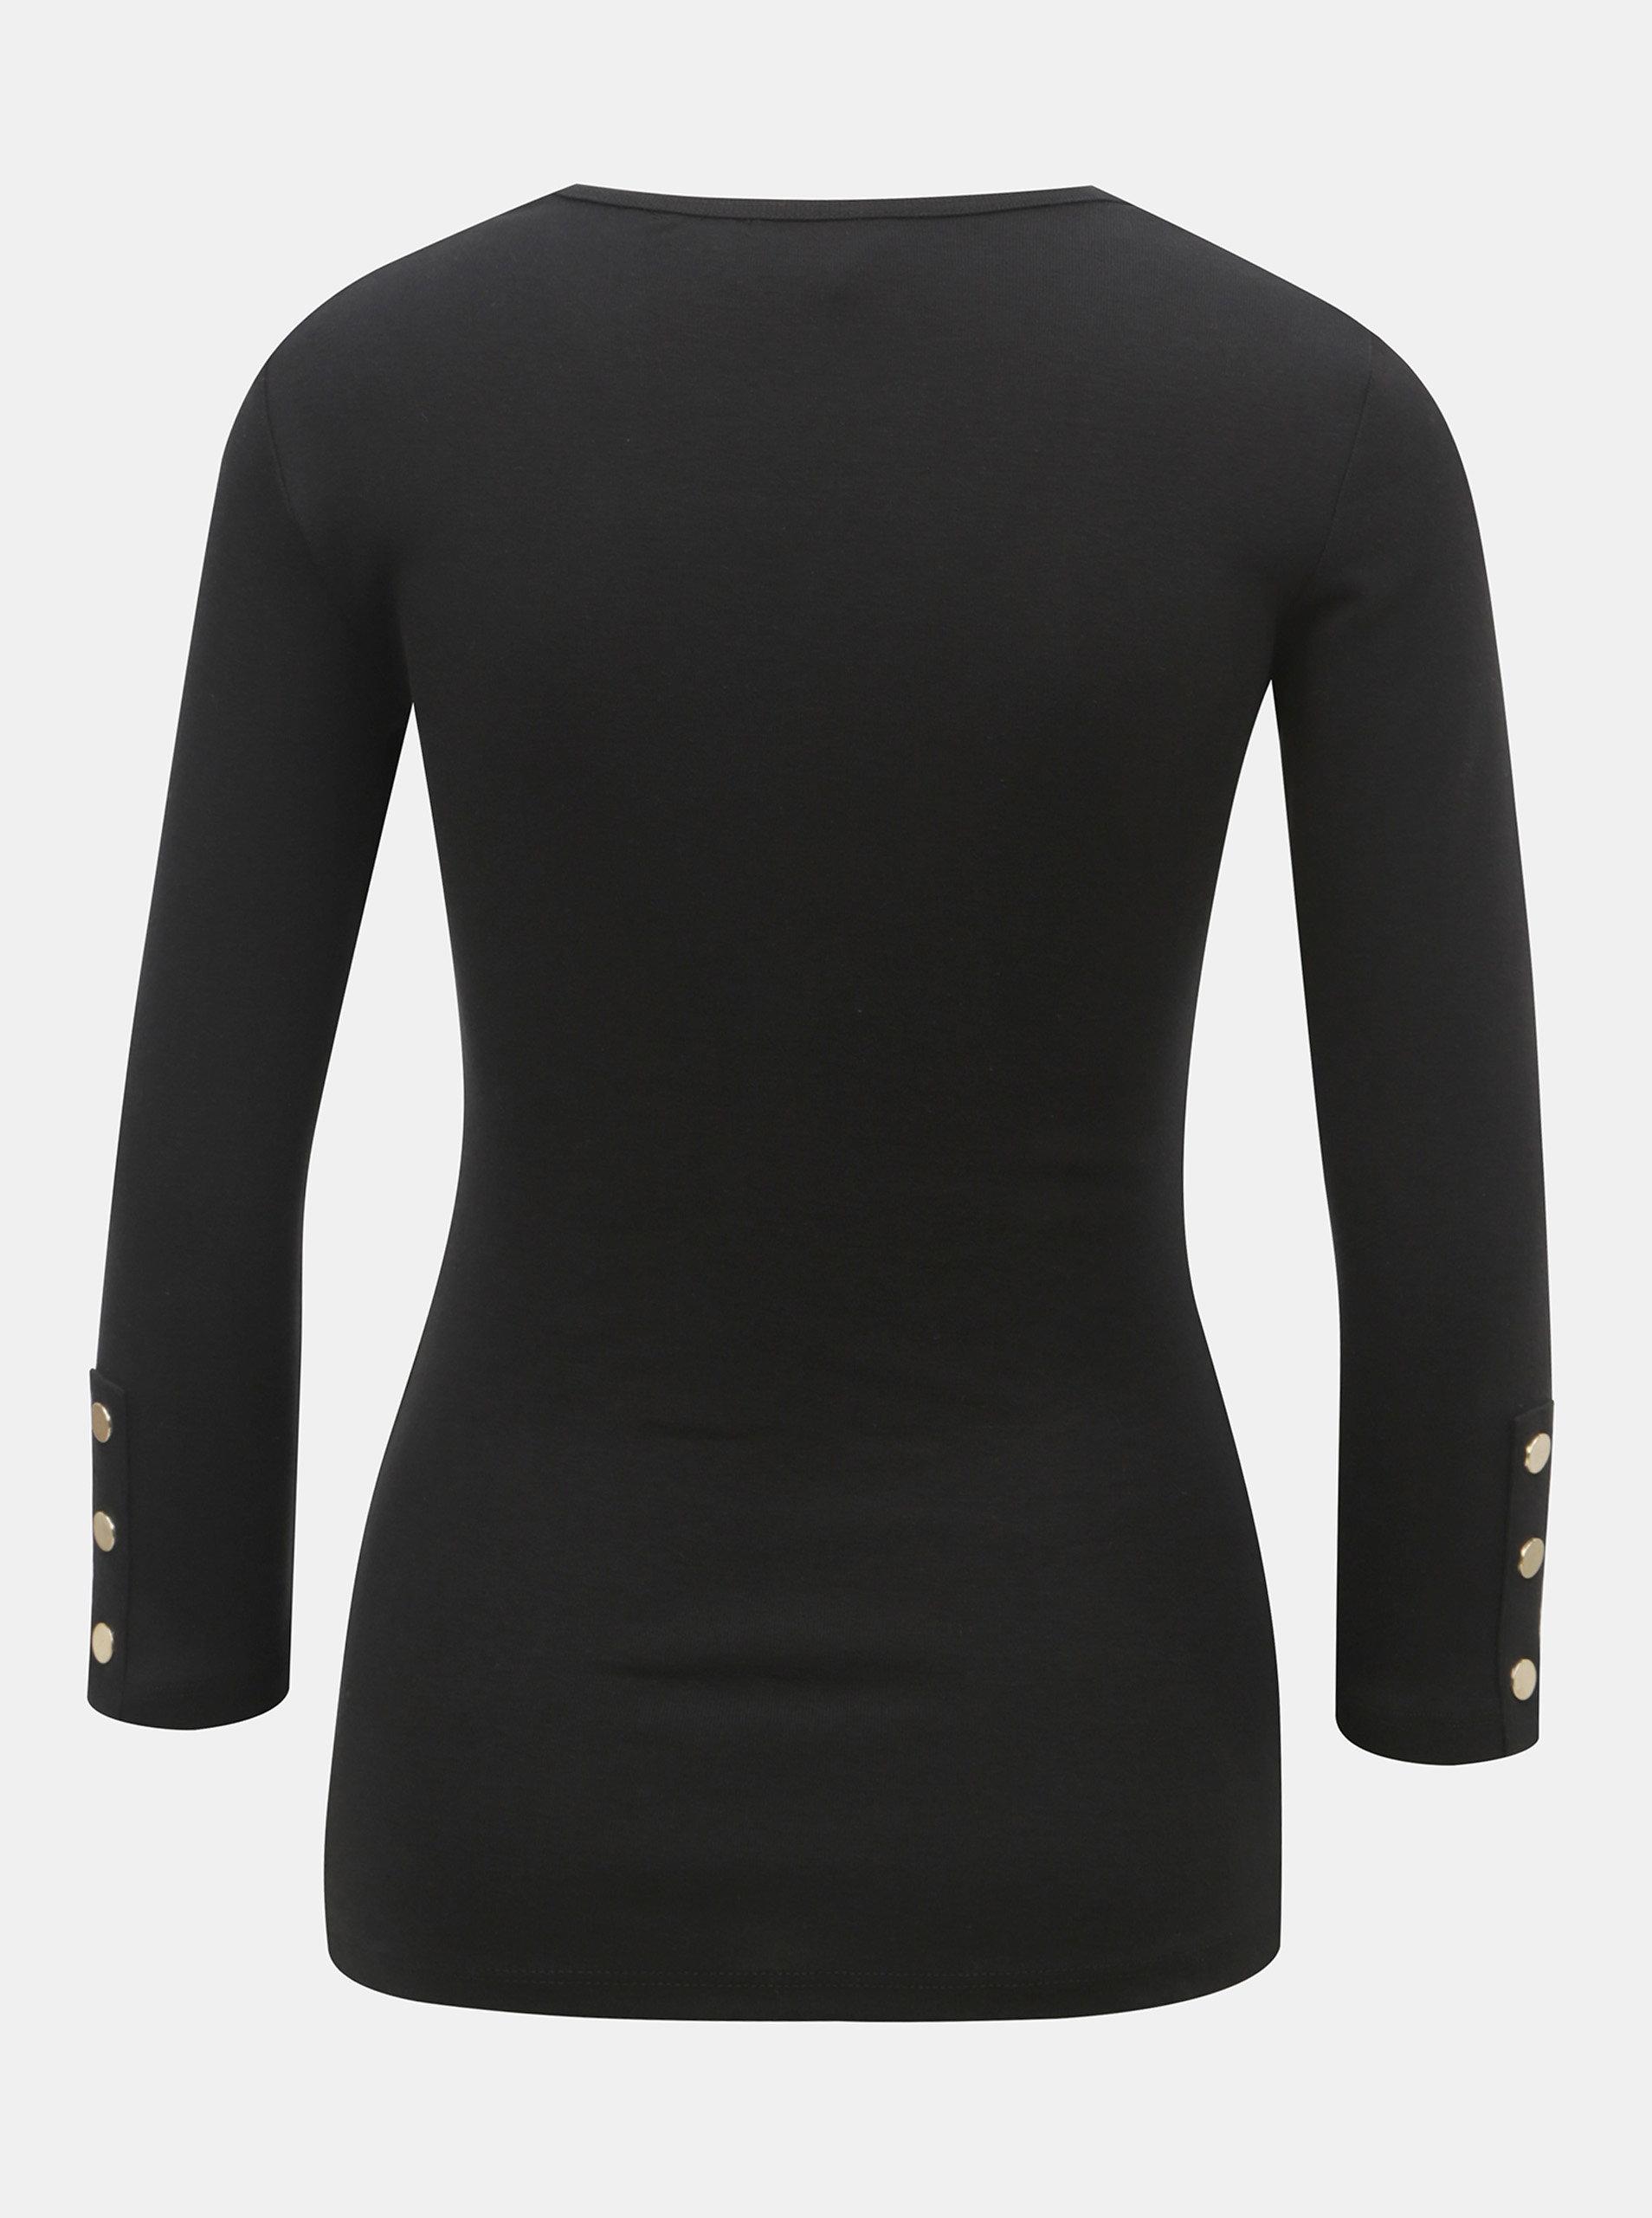 7032fc4803f8 Čierne tričko s 3 4 rukávom Dorothy Perkins ...